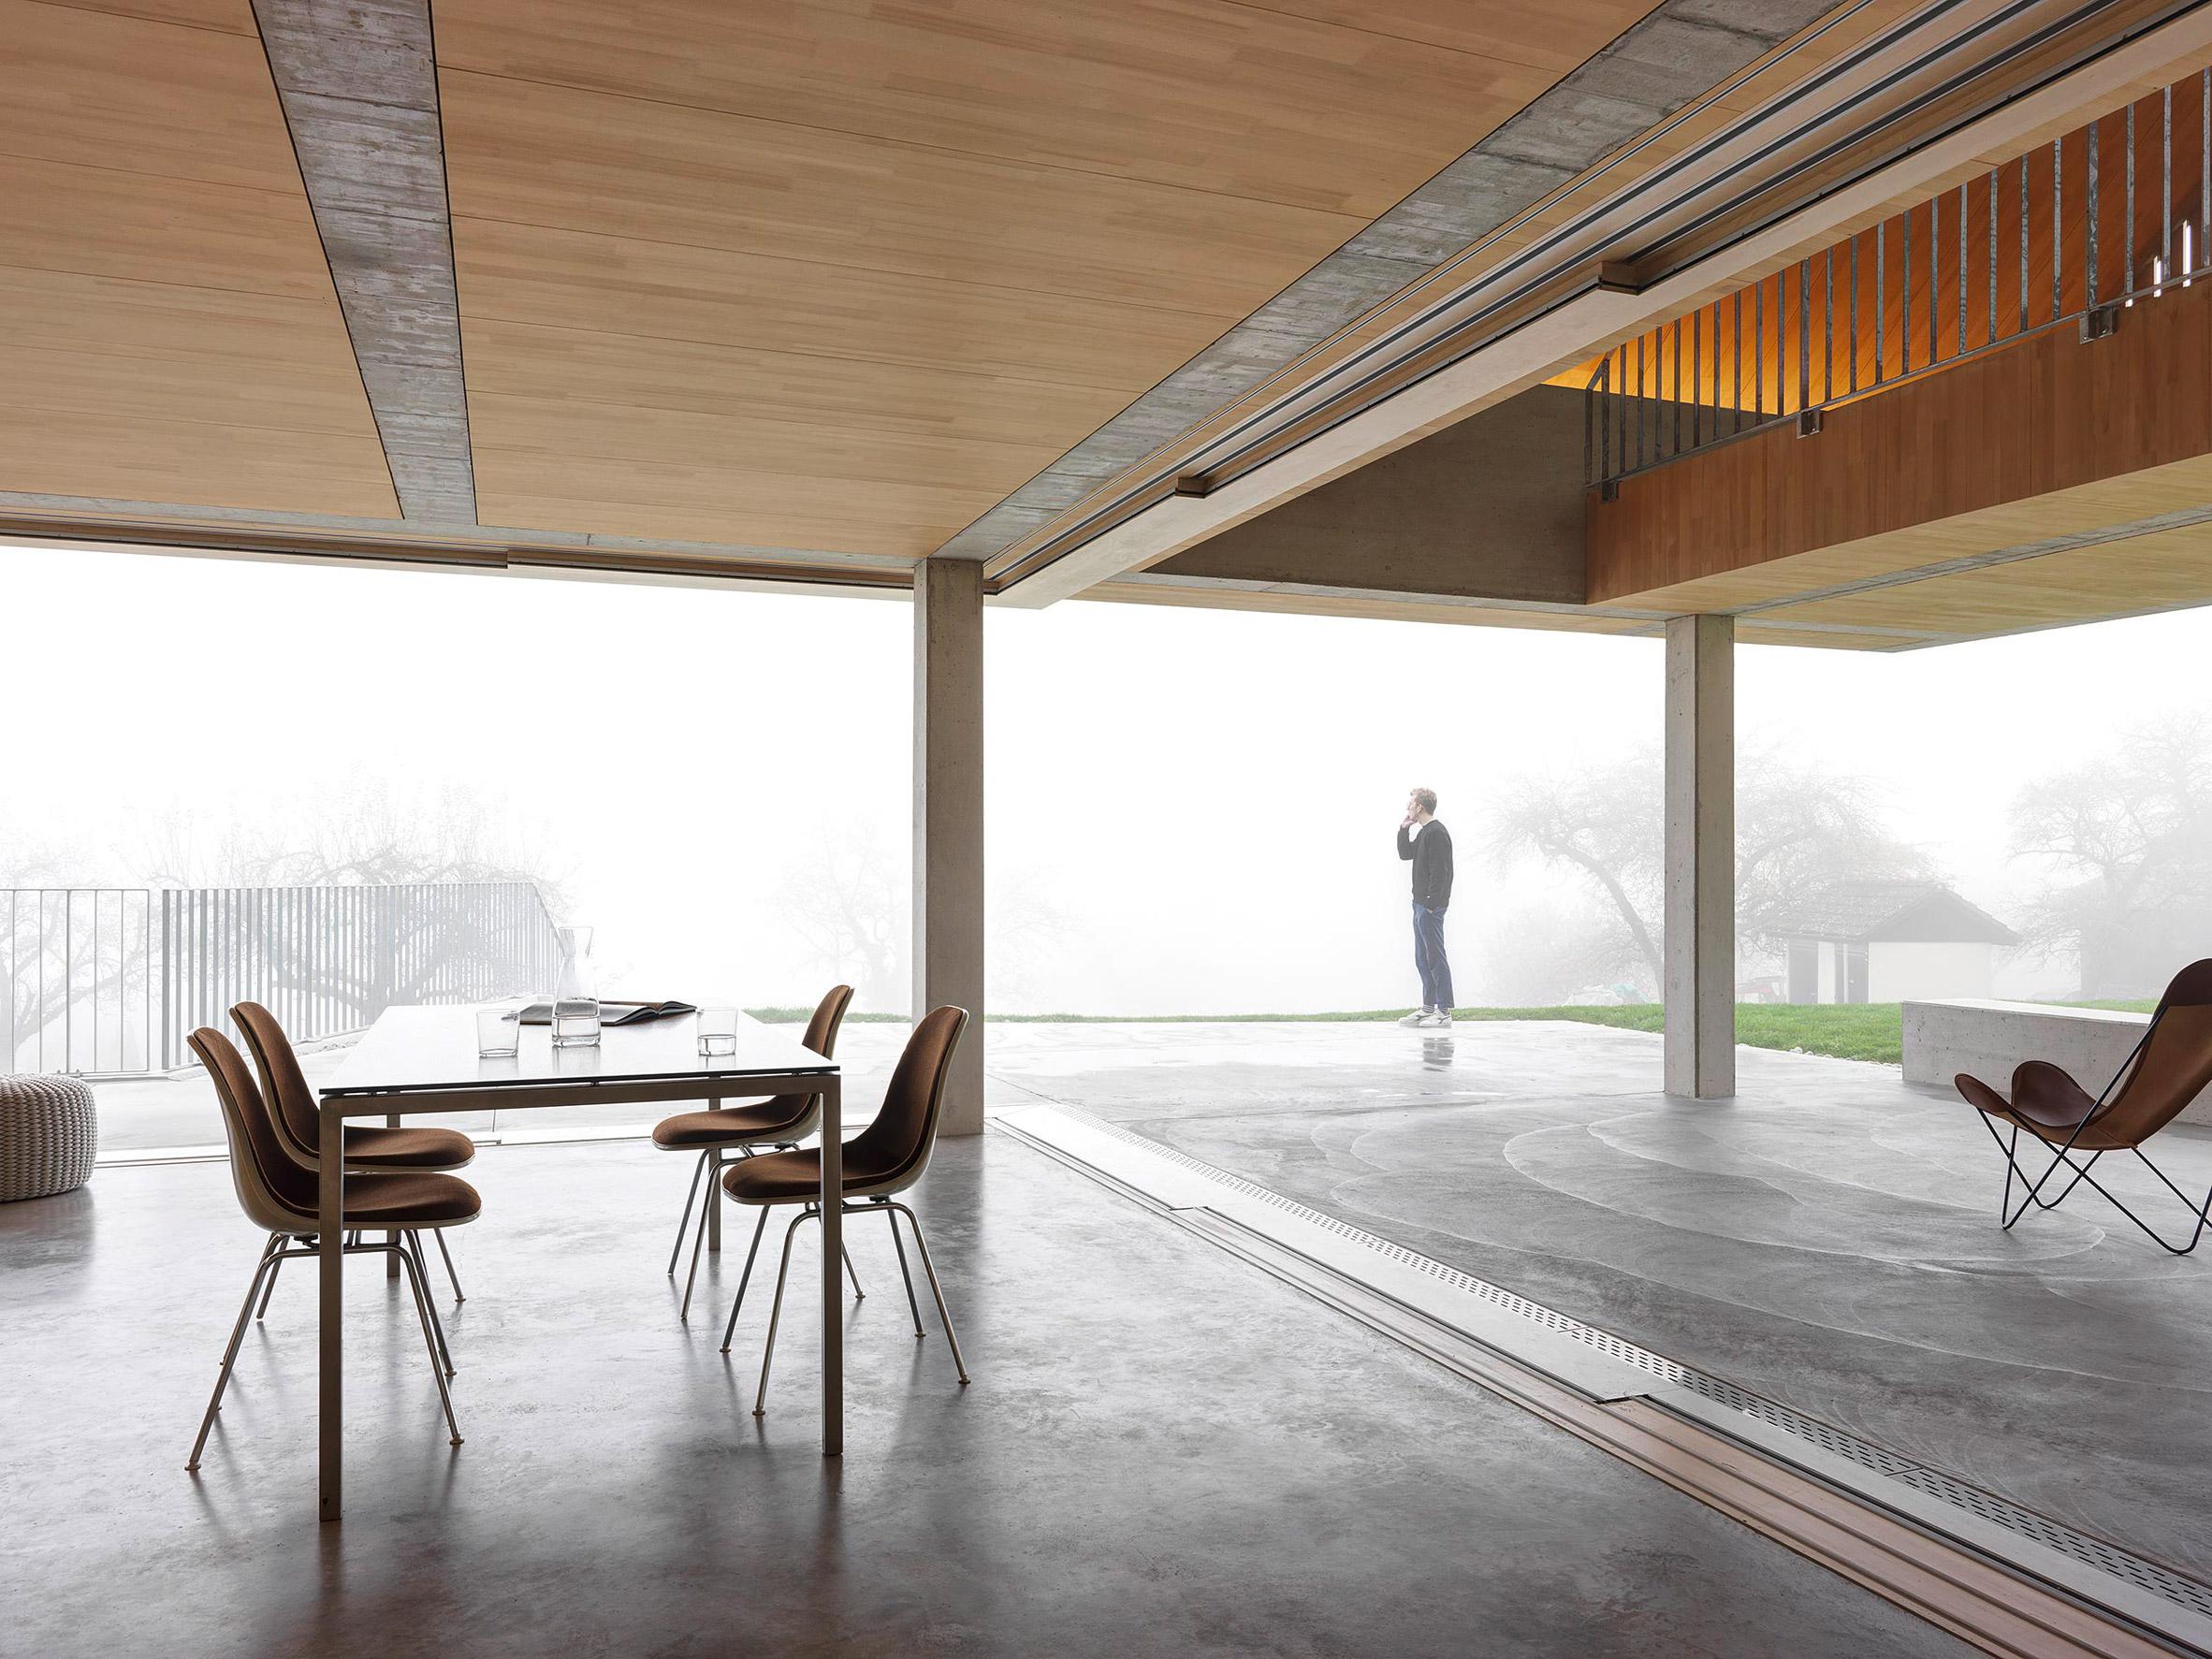 House is Switzerland by Gus Wüstemann Architects